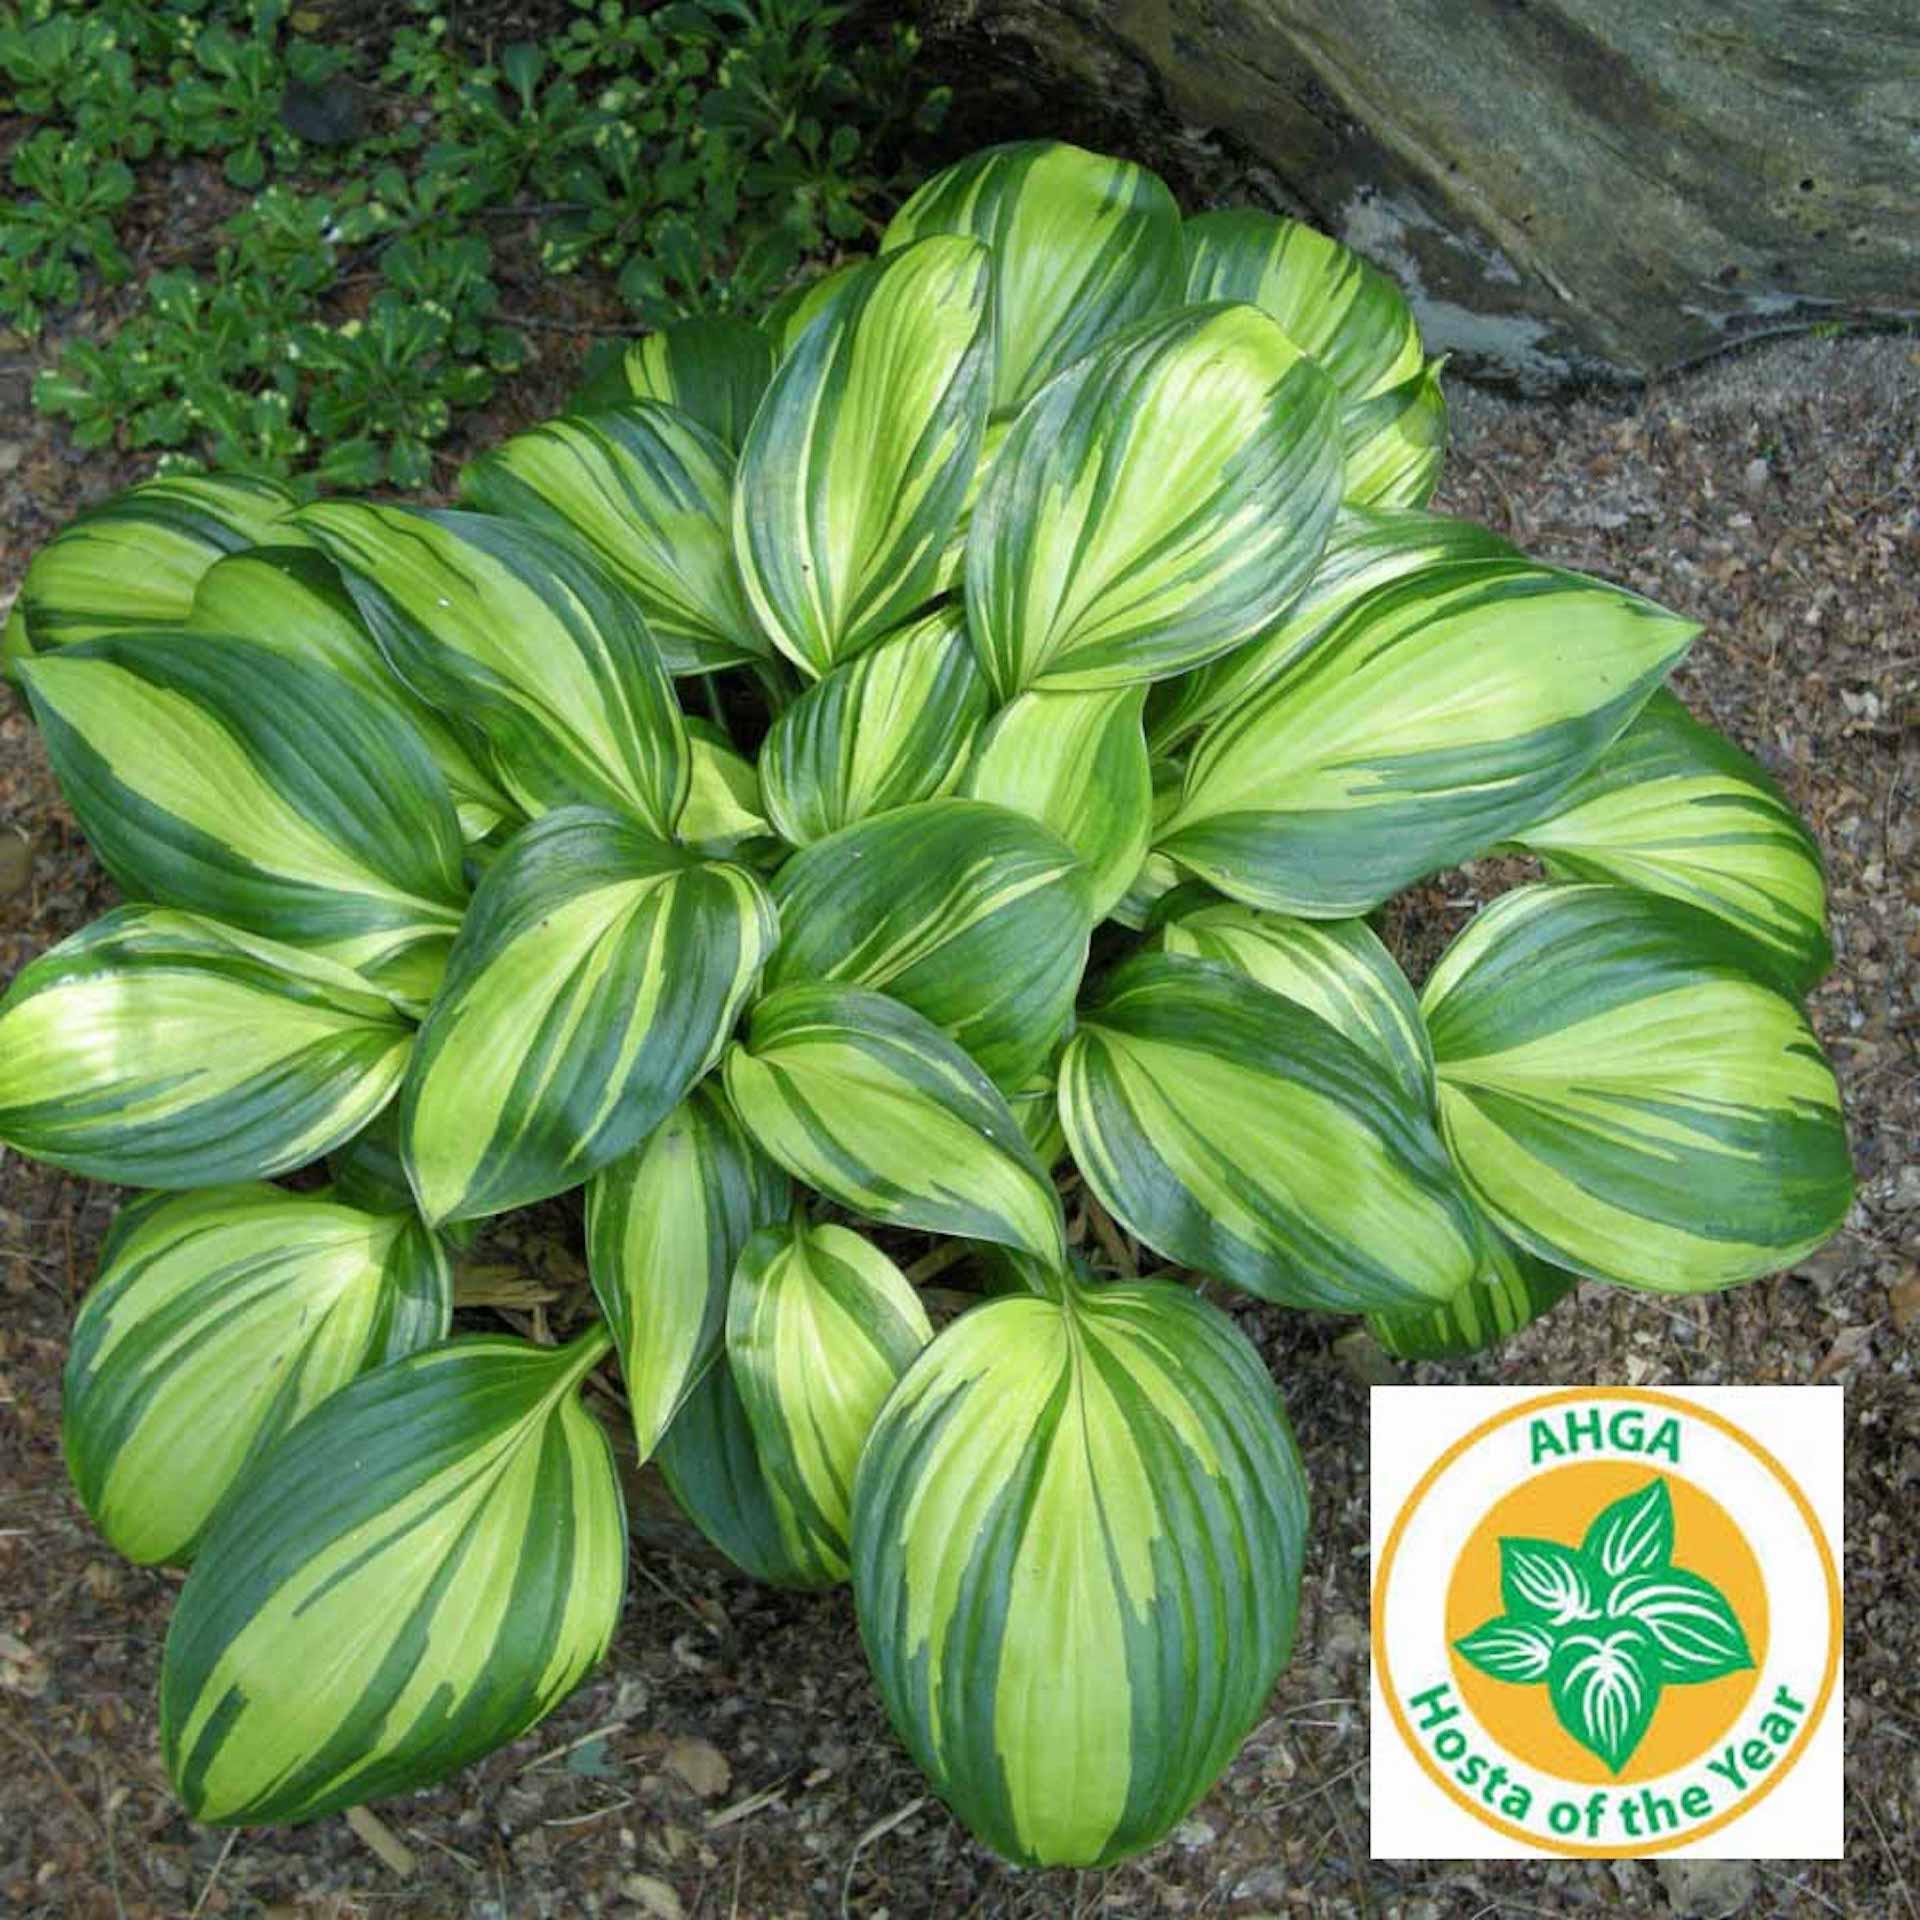 Hosta aux larges feuilles vert foncé fortement rayées de jaune chartreuse, porte le logo Hosta de l'année.